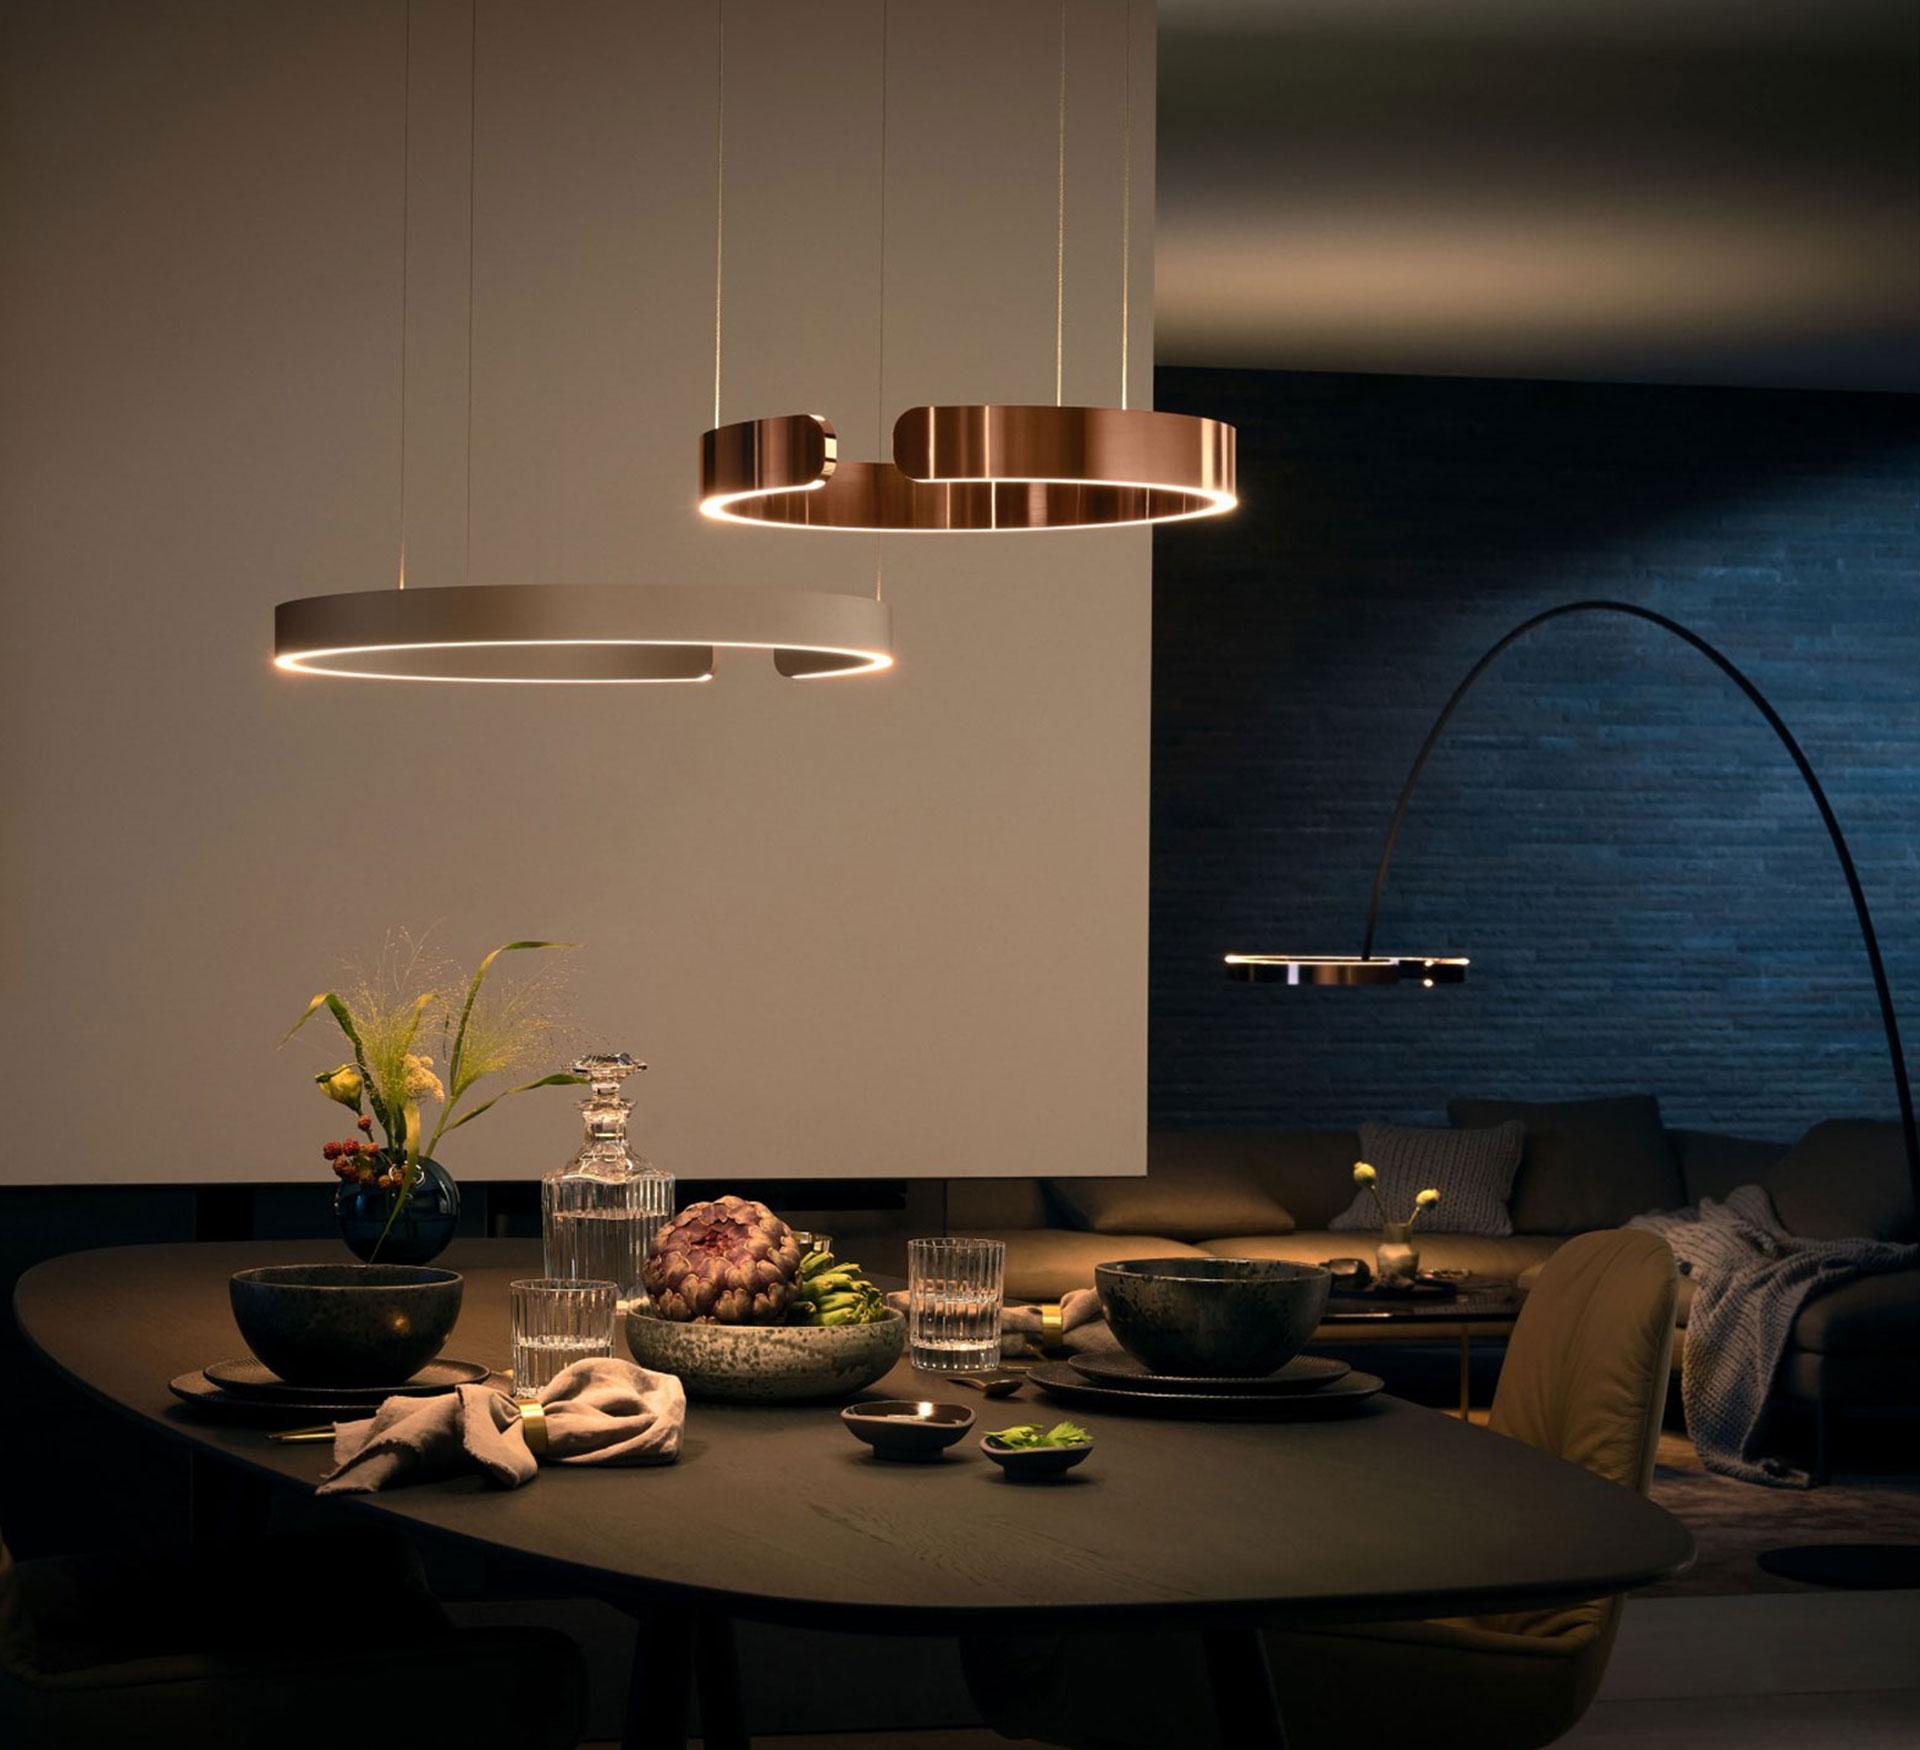 Zwei Occhio Mito sospeso von der Decke hängend, im Hintergrund eine Occhio Mito largo die den Wohnzimmertisch beleuchtet